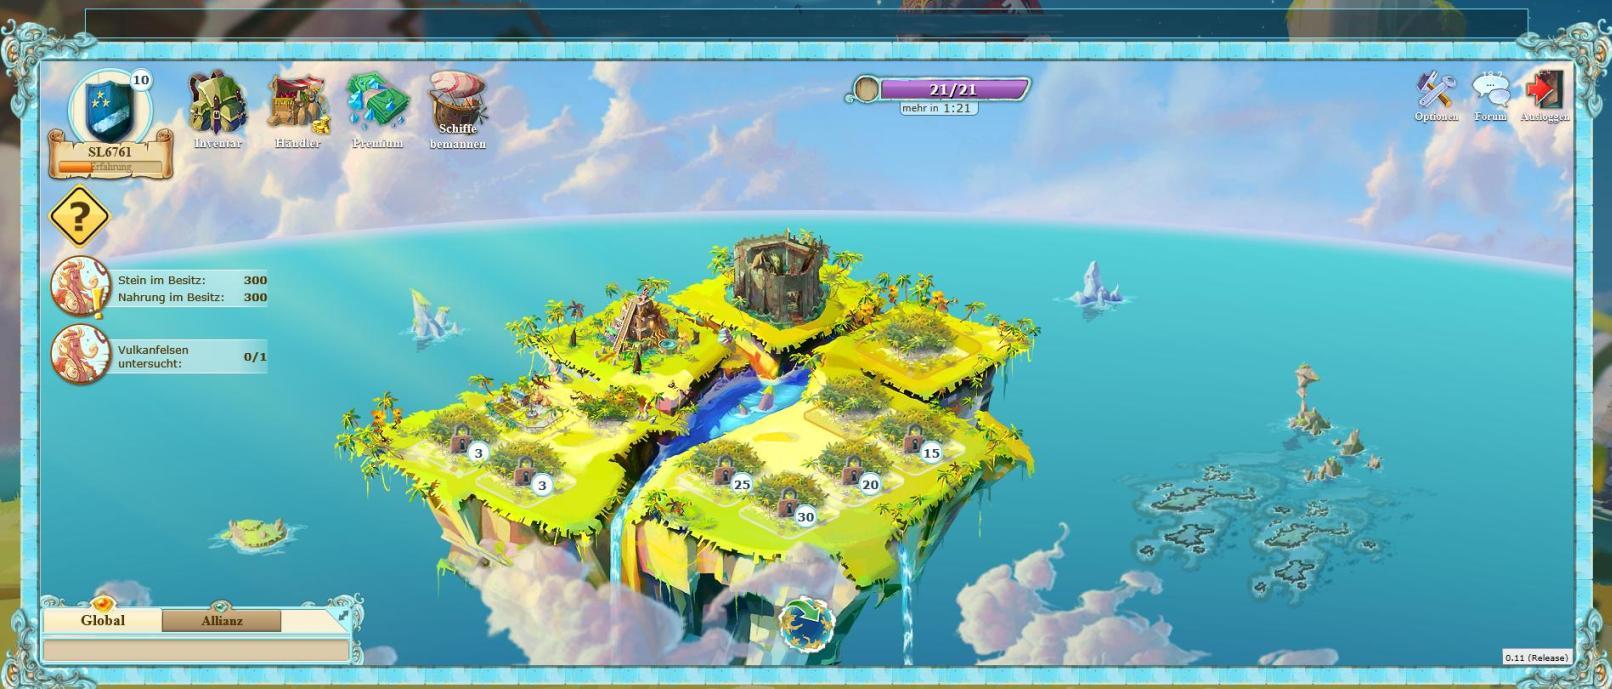 Klicke auf die Grafik für eine größere AnsichtName:Skylancer_Screen_Insel.jpgHits:85Größe:149,8 KBID:6046